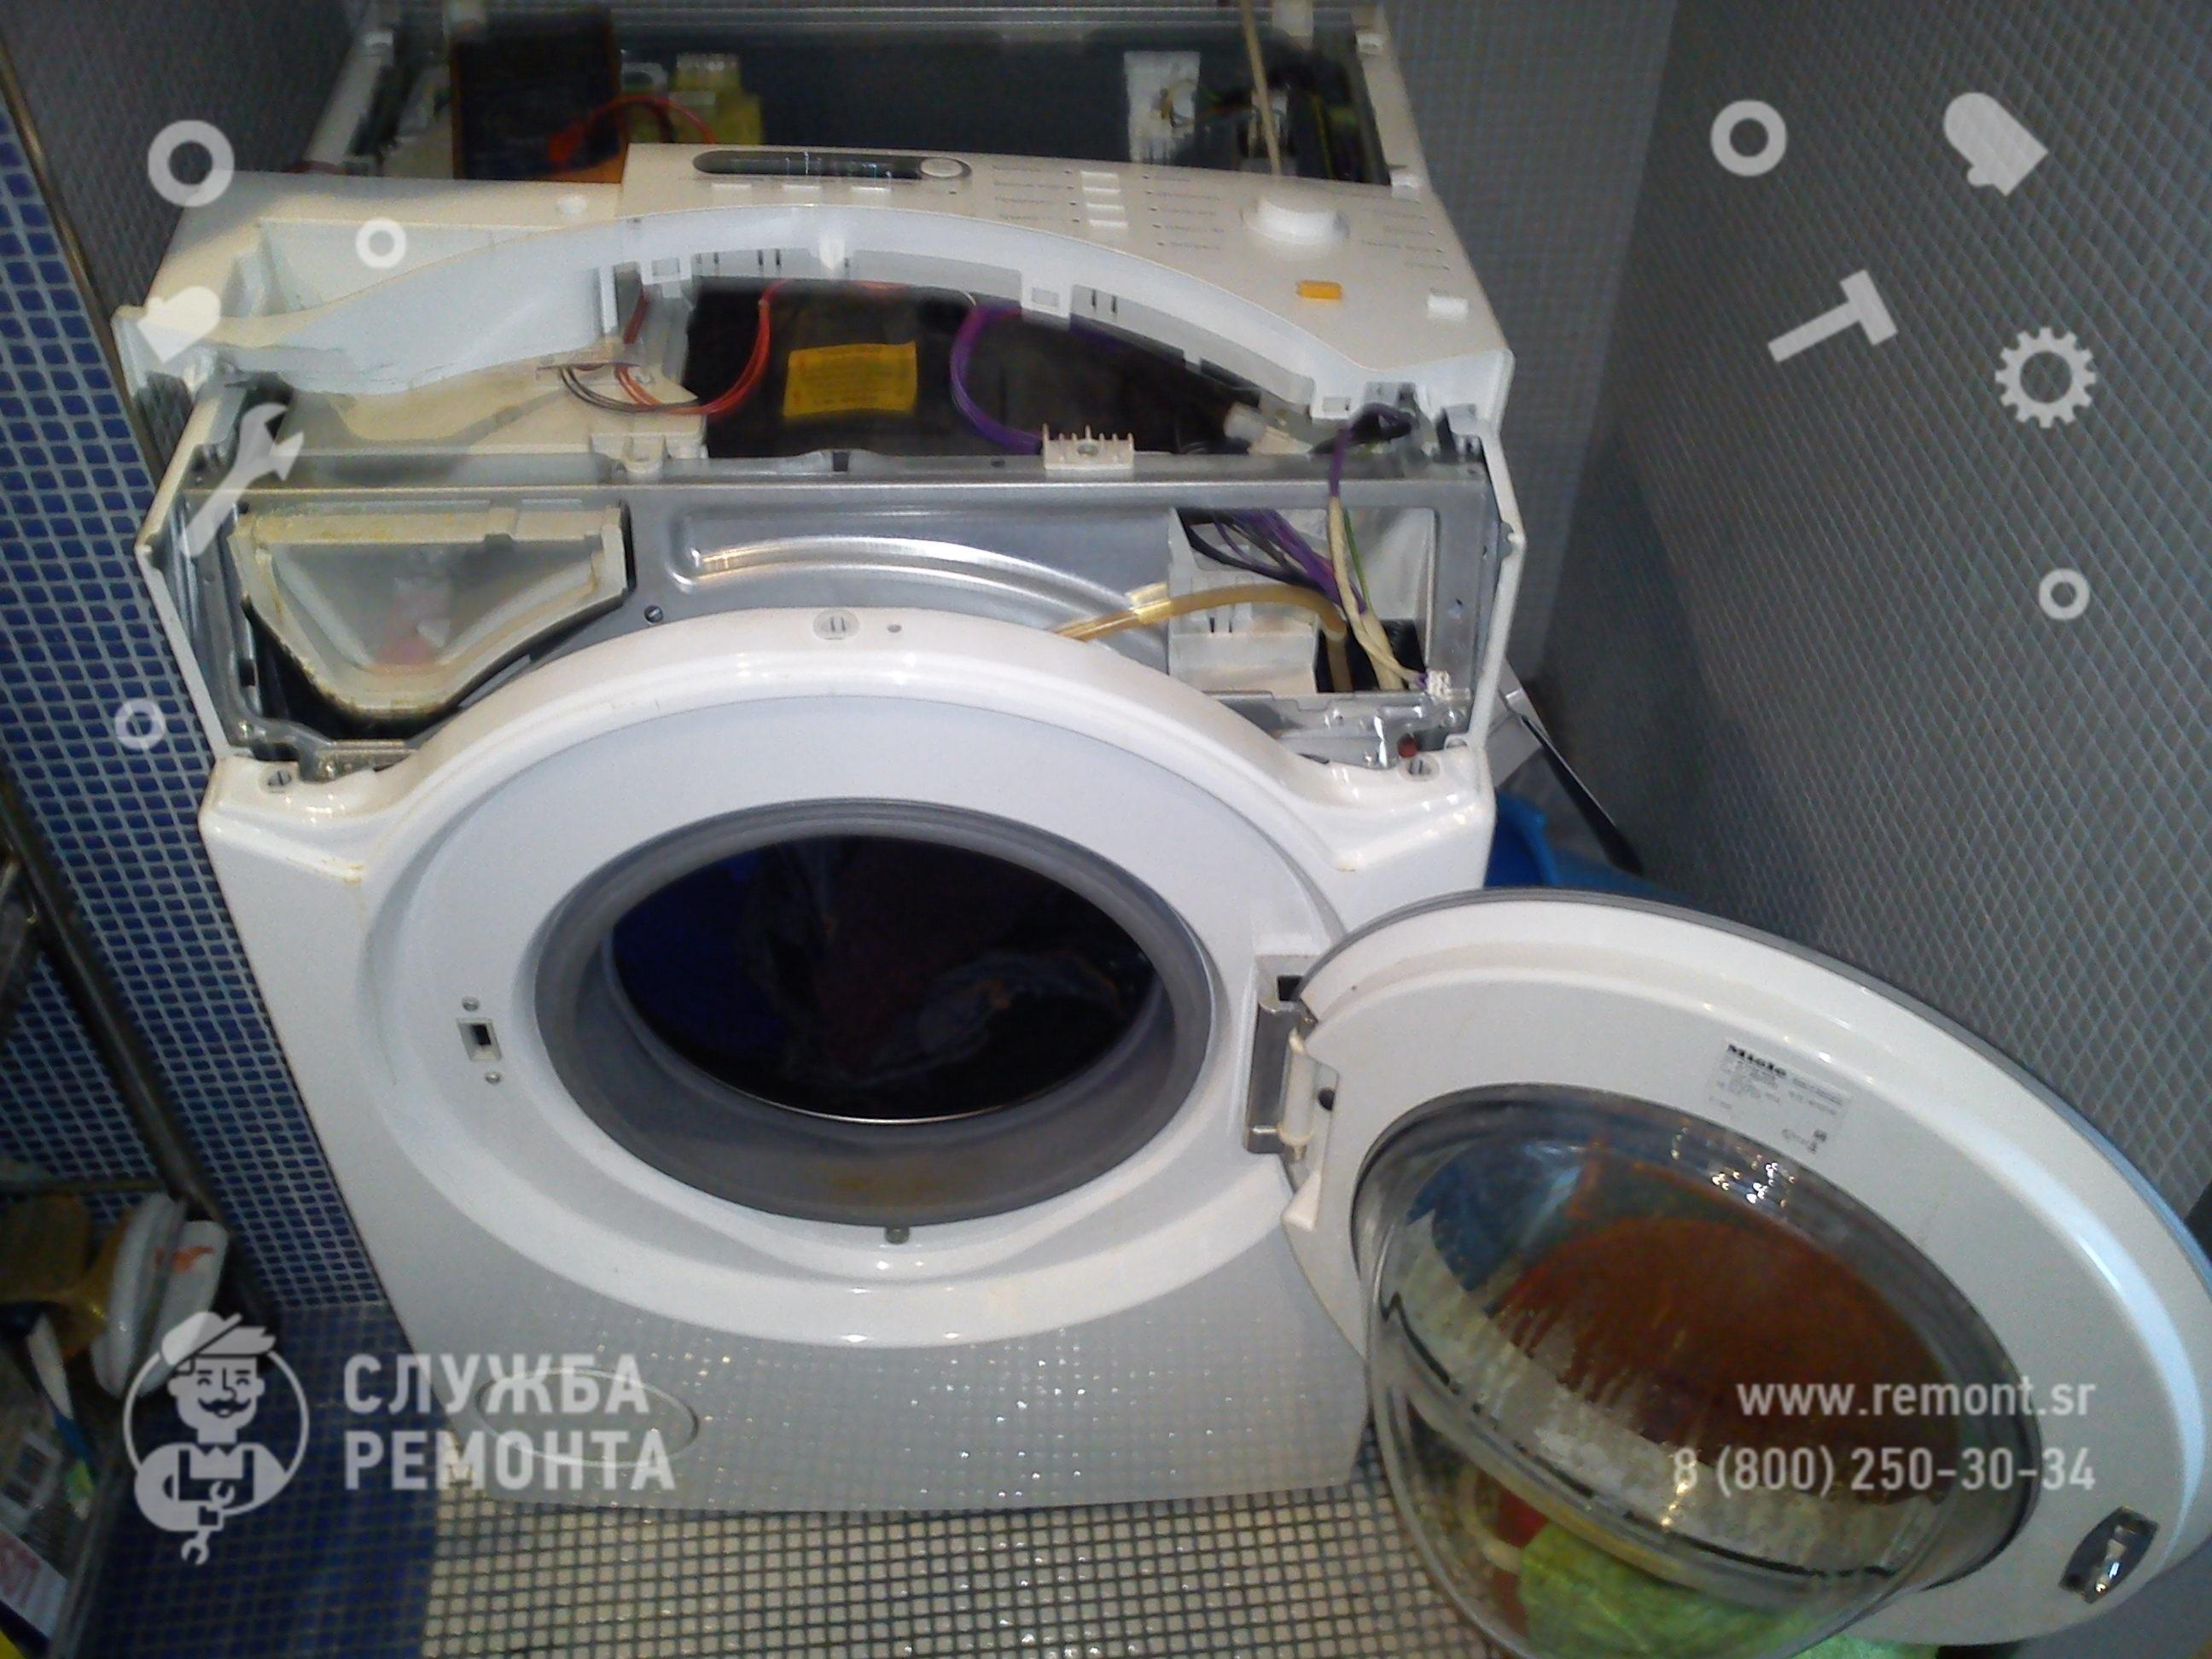 Замена подшипников в стиральной машине Candy Видео на Запорожском портале 39